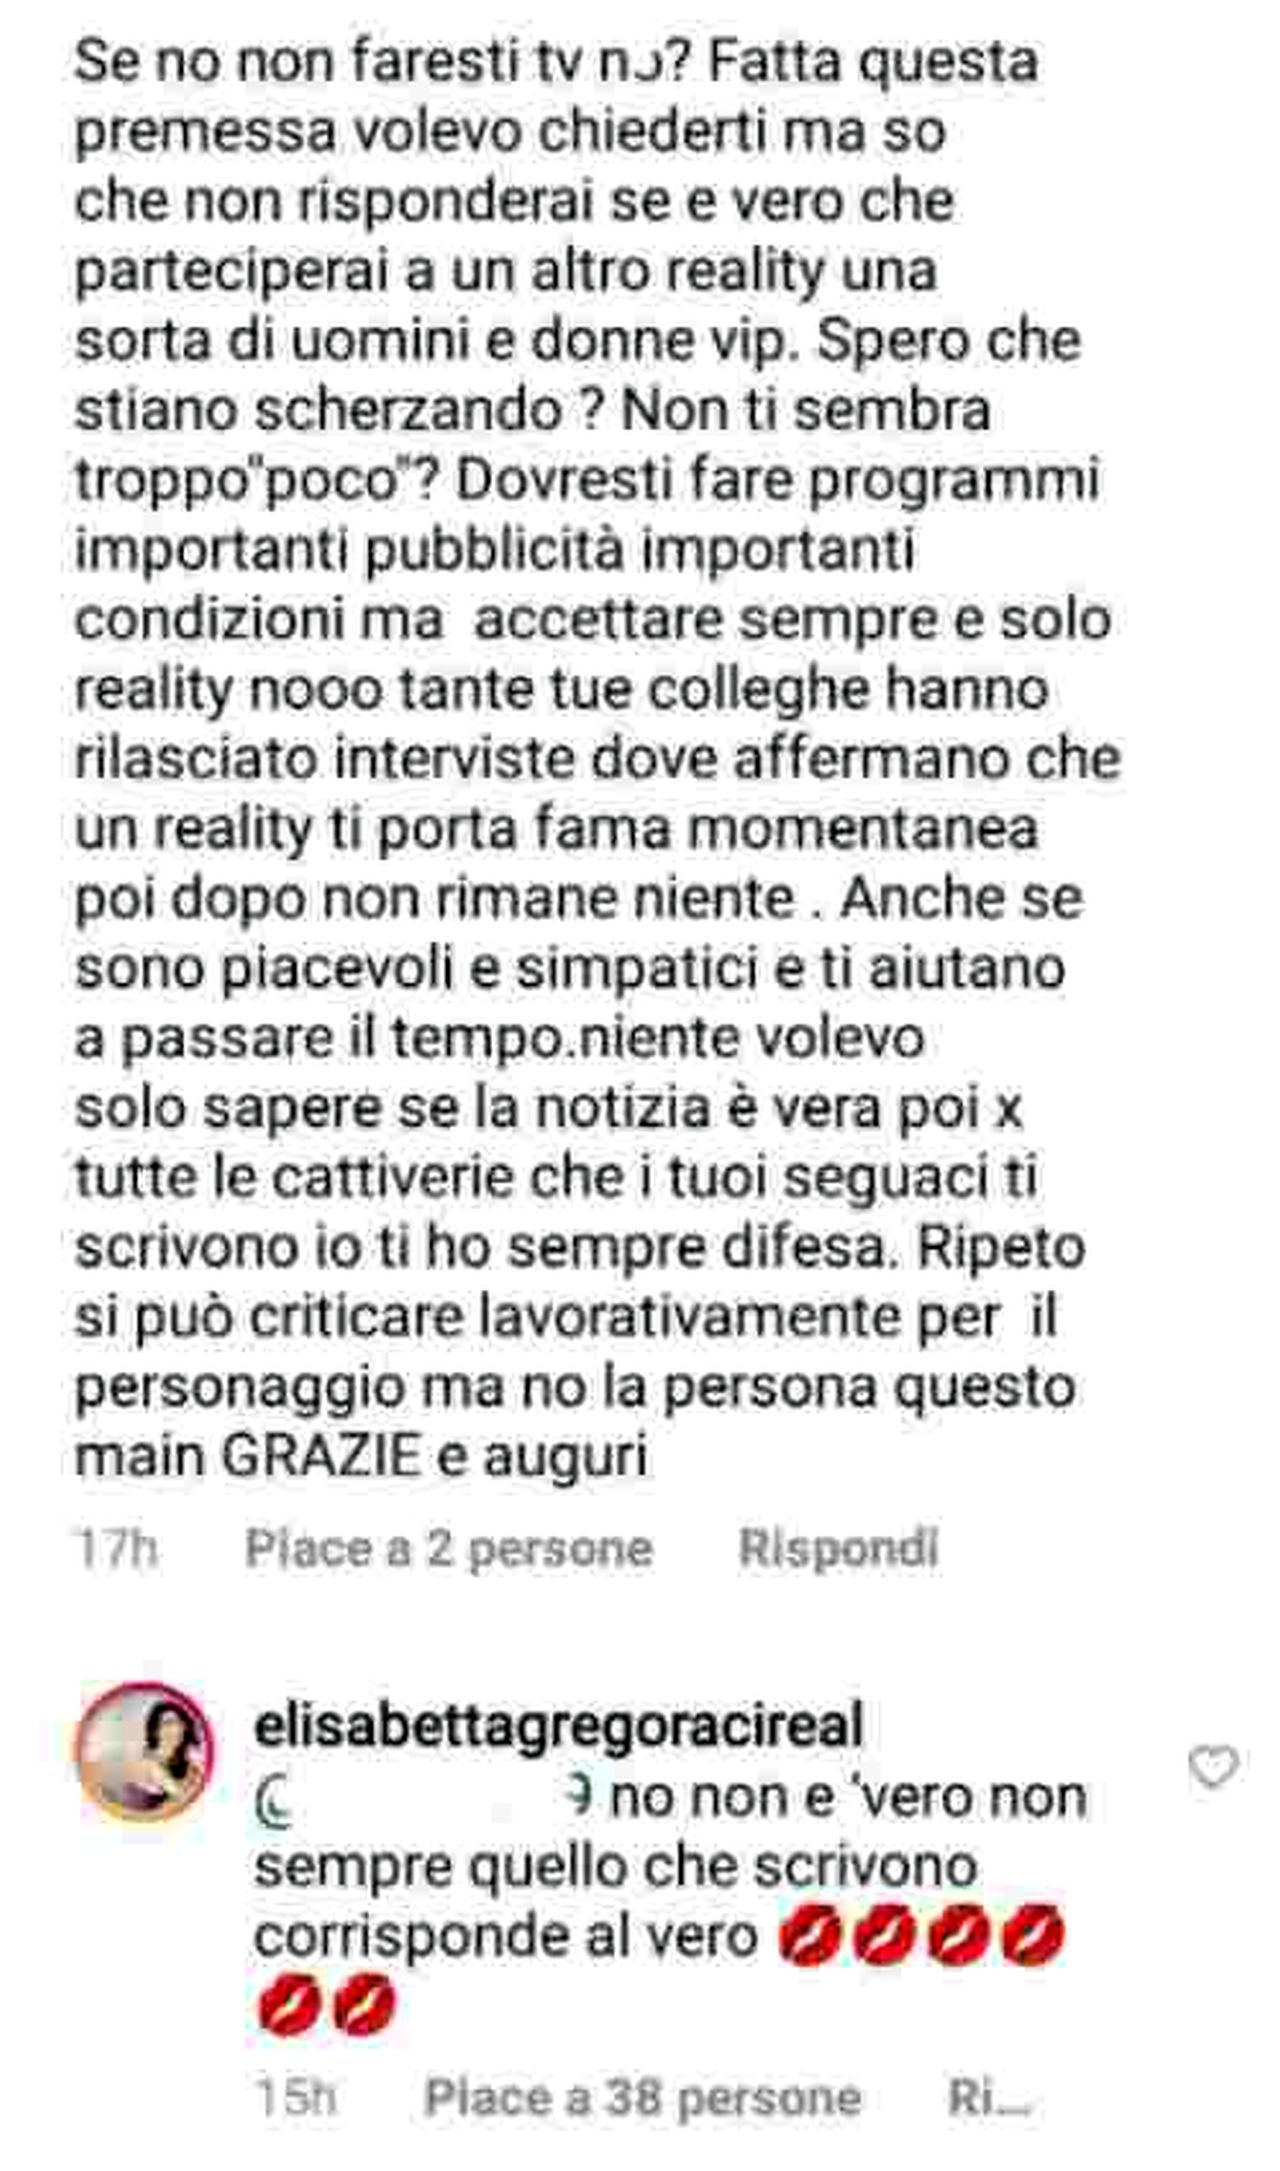 La smentita di Elisabetta Gregoraci